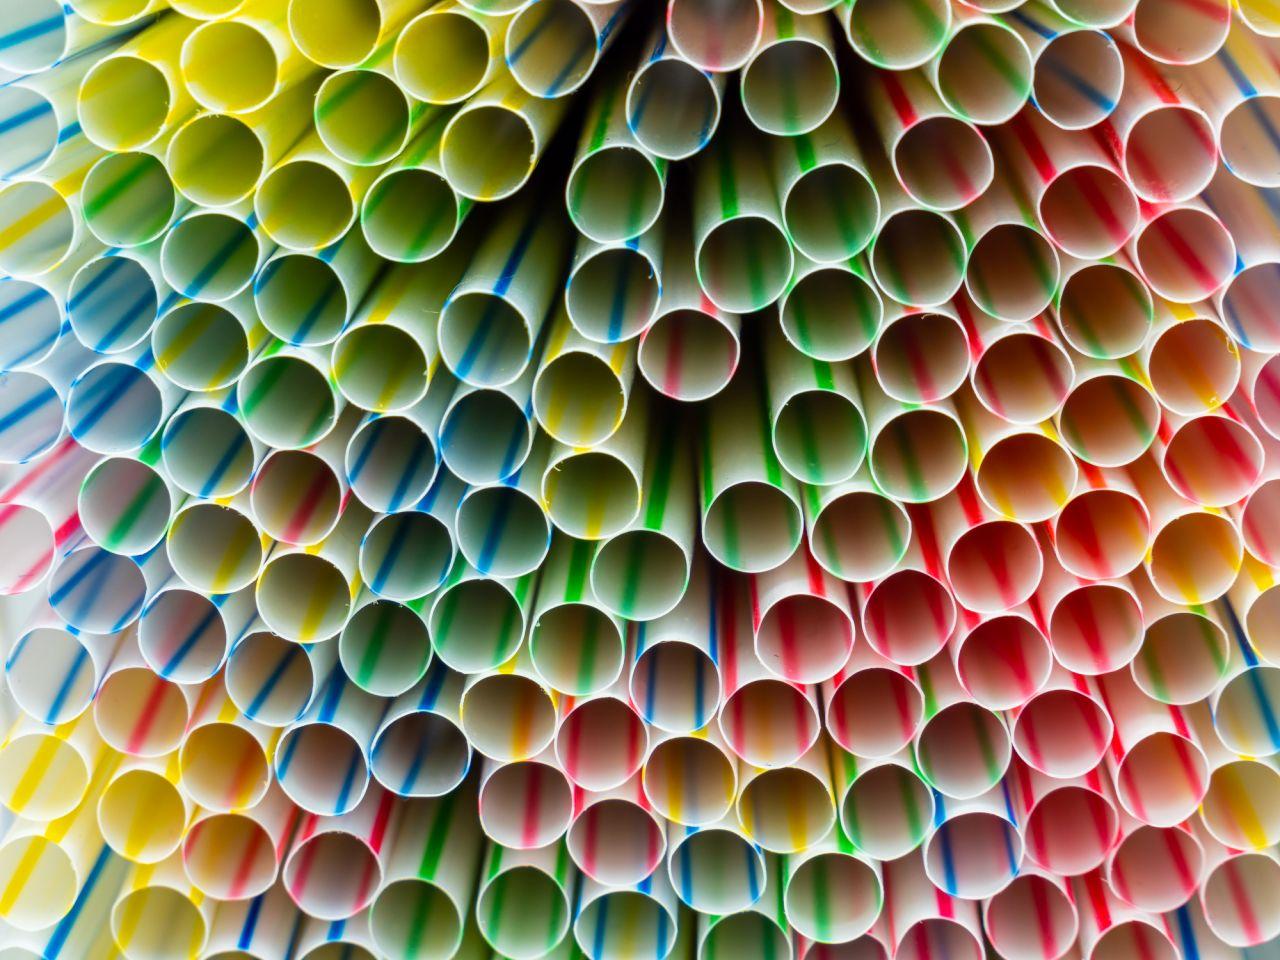 Grüner schlürfen: Wie du Plastikstrohhalme easy ersetzen kannst